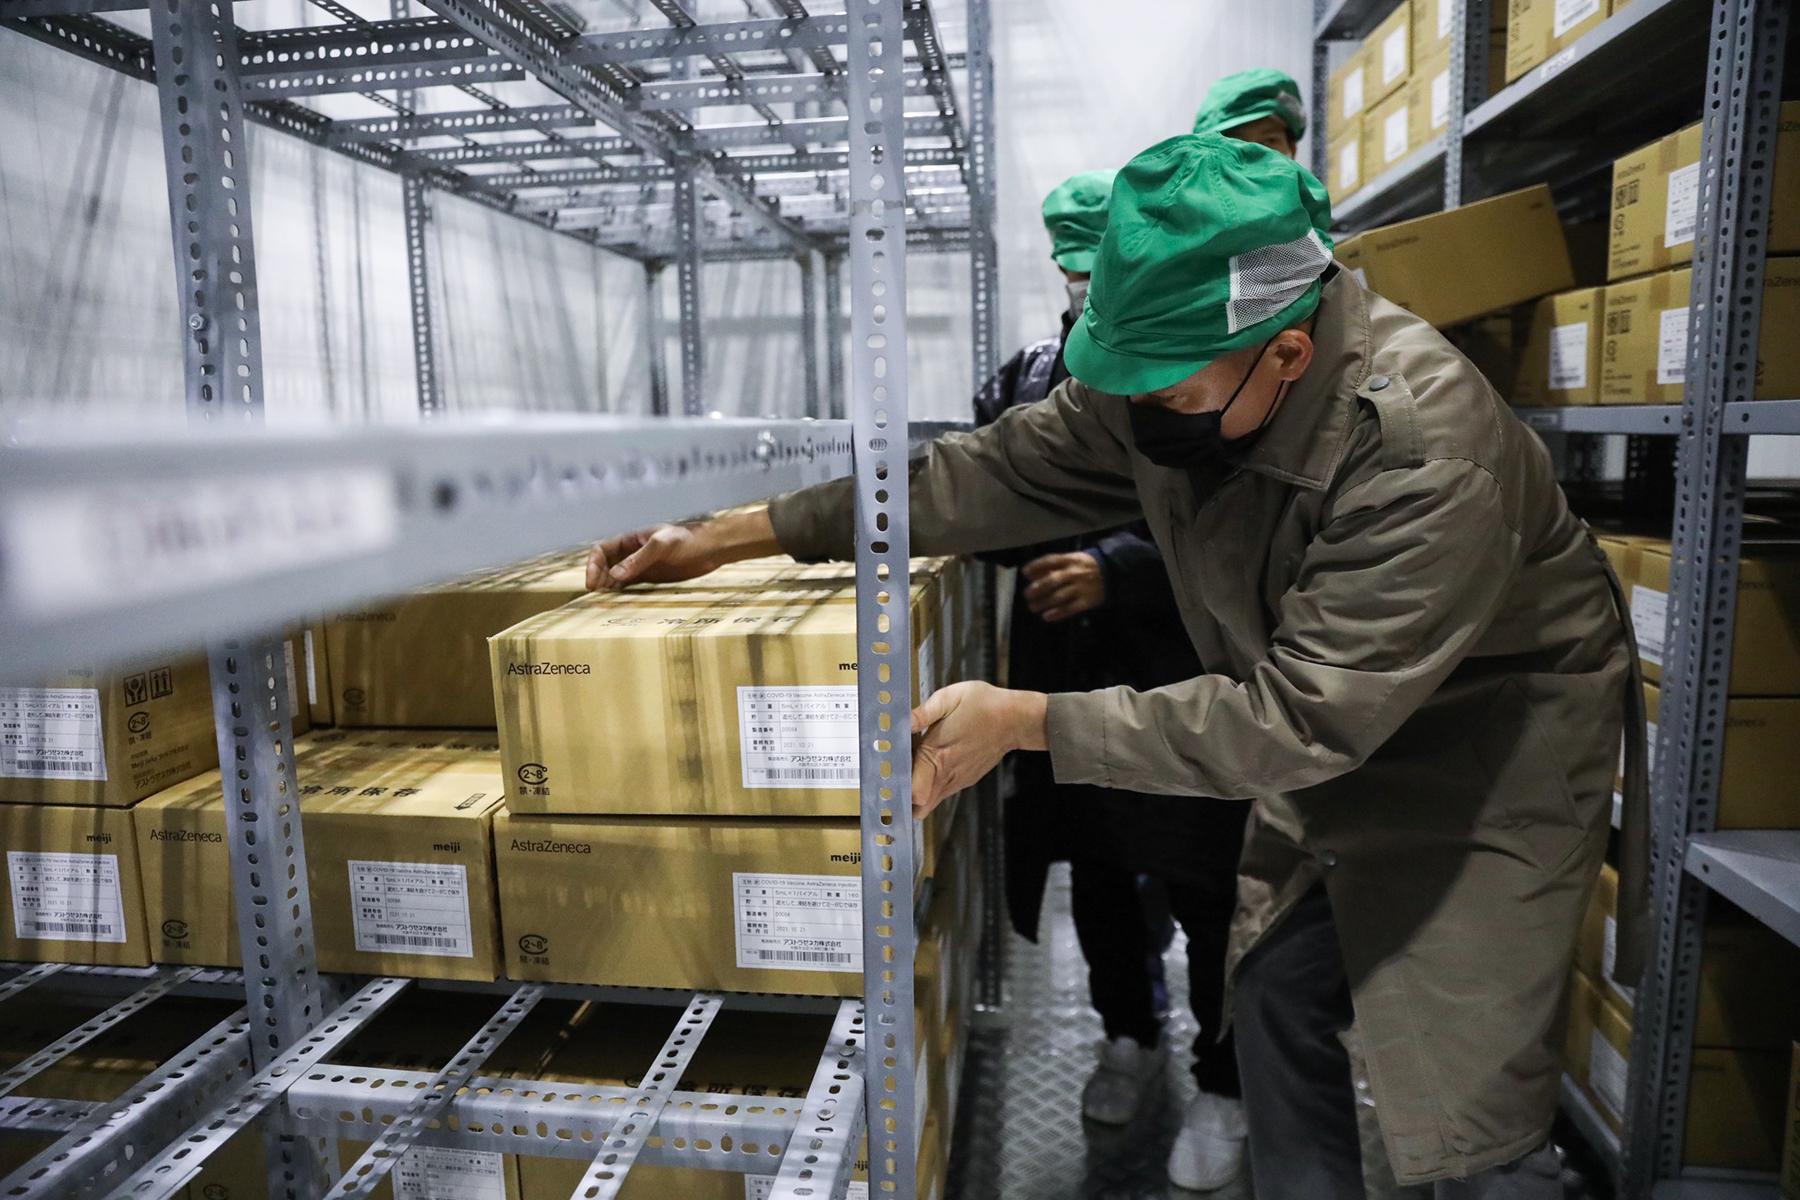 836.000 liều vắc xin COVID-19 được bảo quản thế nào trong kho lạnh ở TP.HCM? - 6